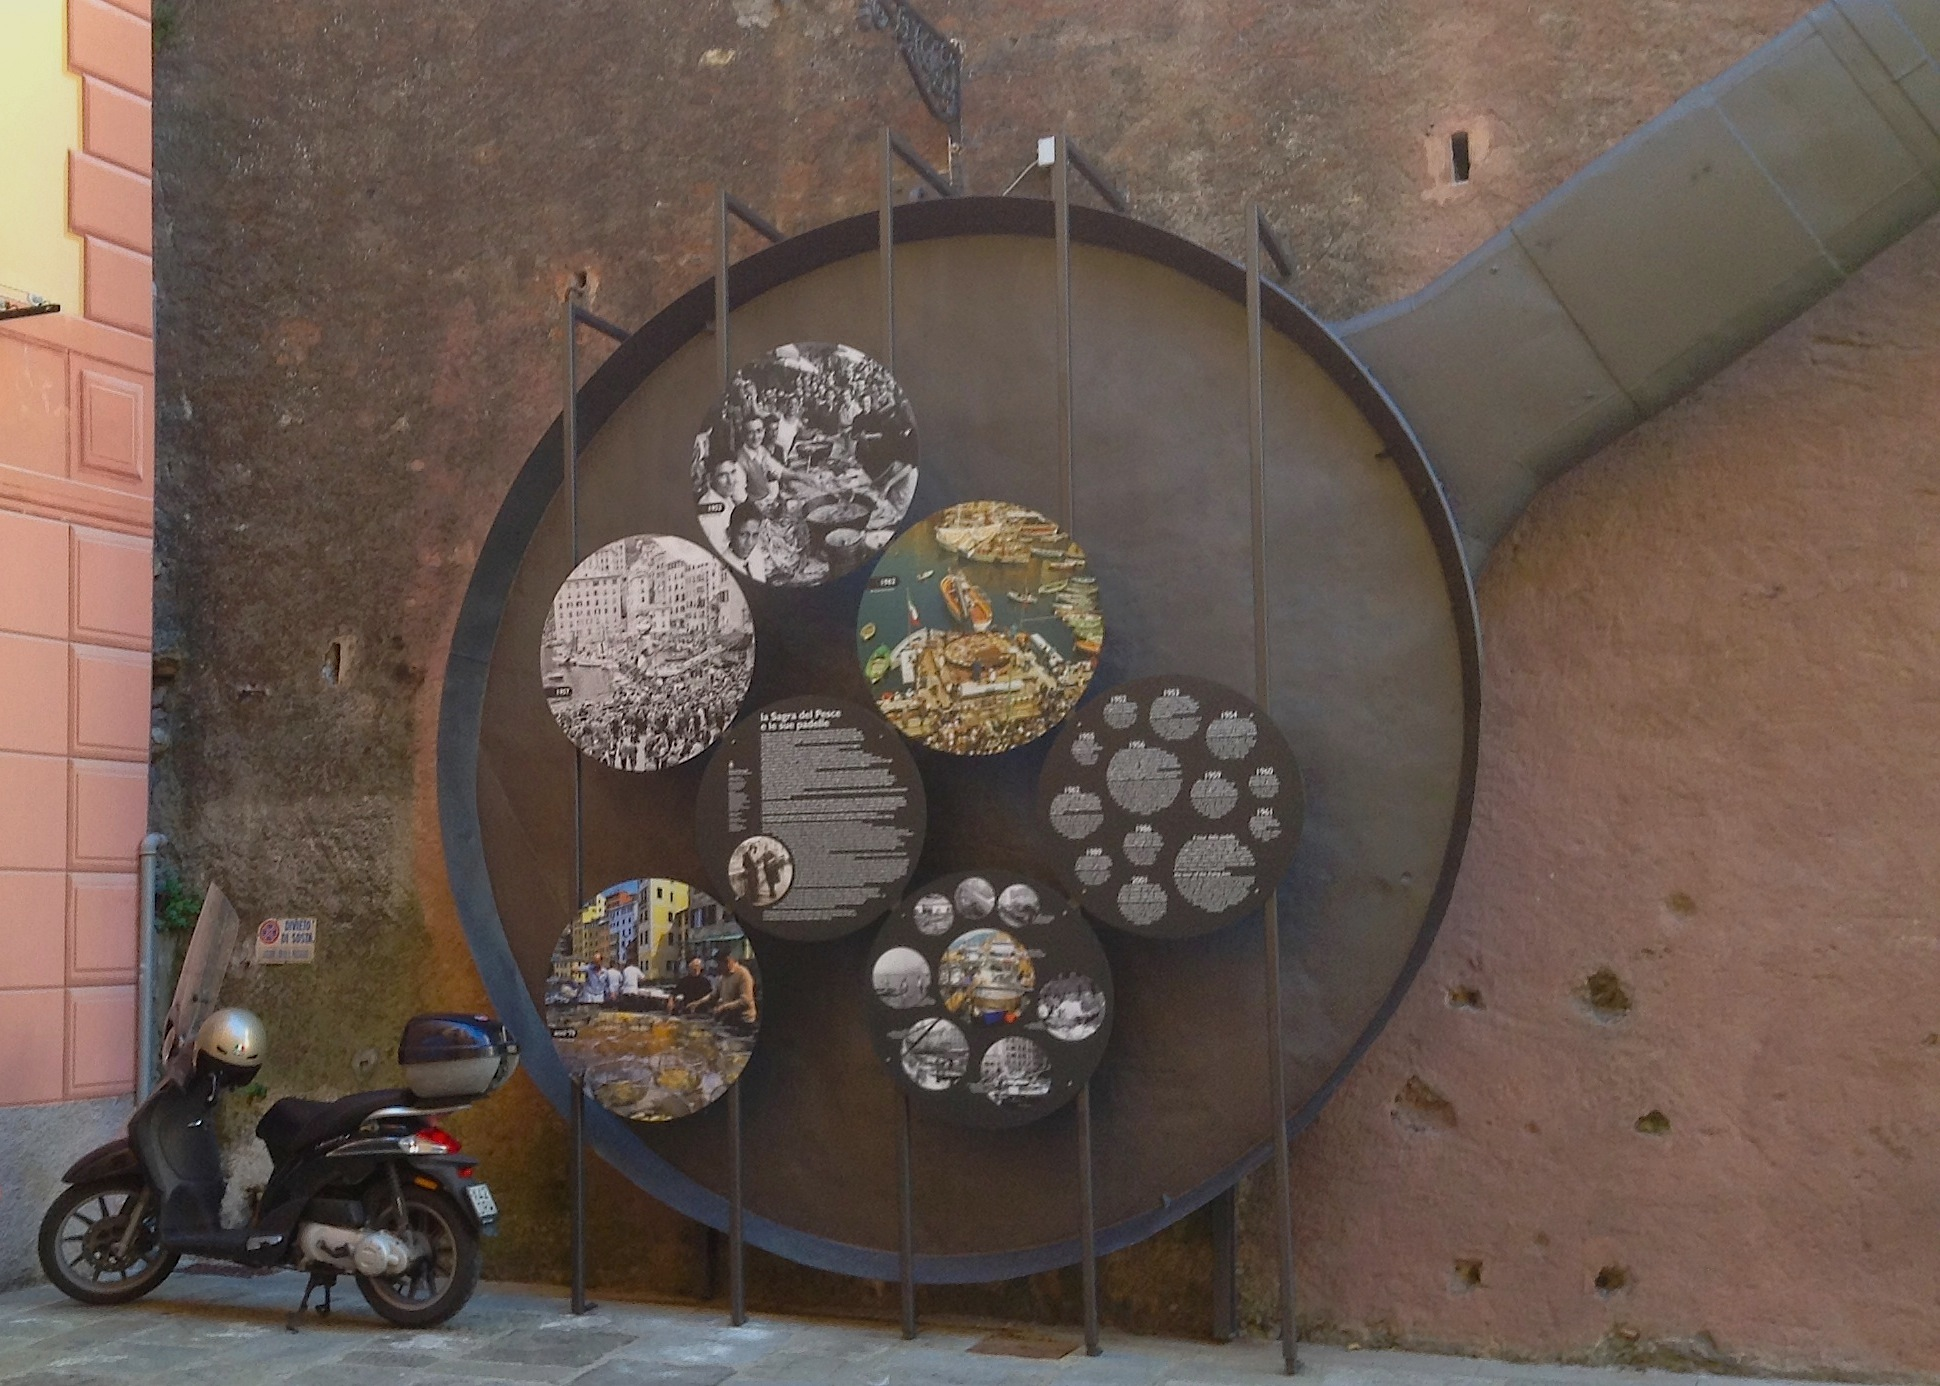 гигантская сковородка - символ фестиваля анчоусов